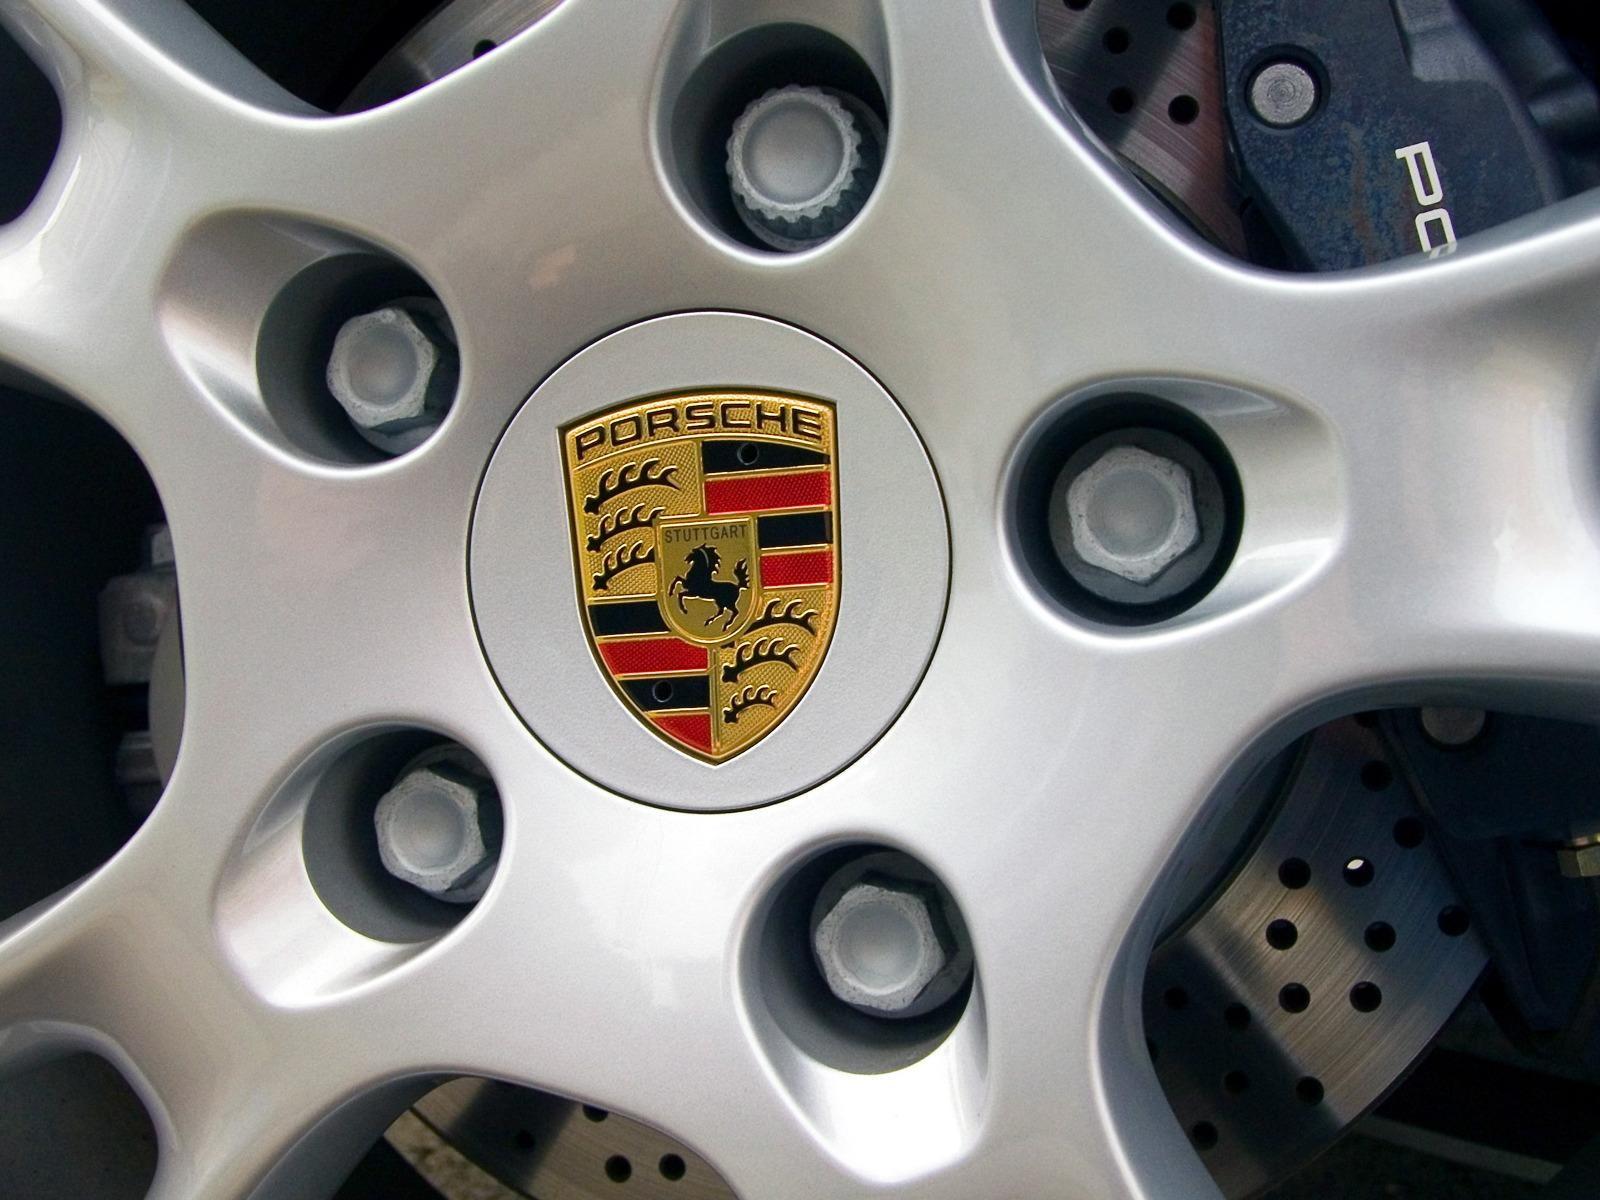 Ahos de auto Porsche - 1600x1200